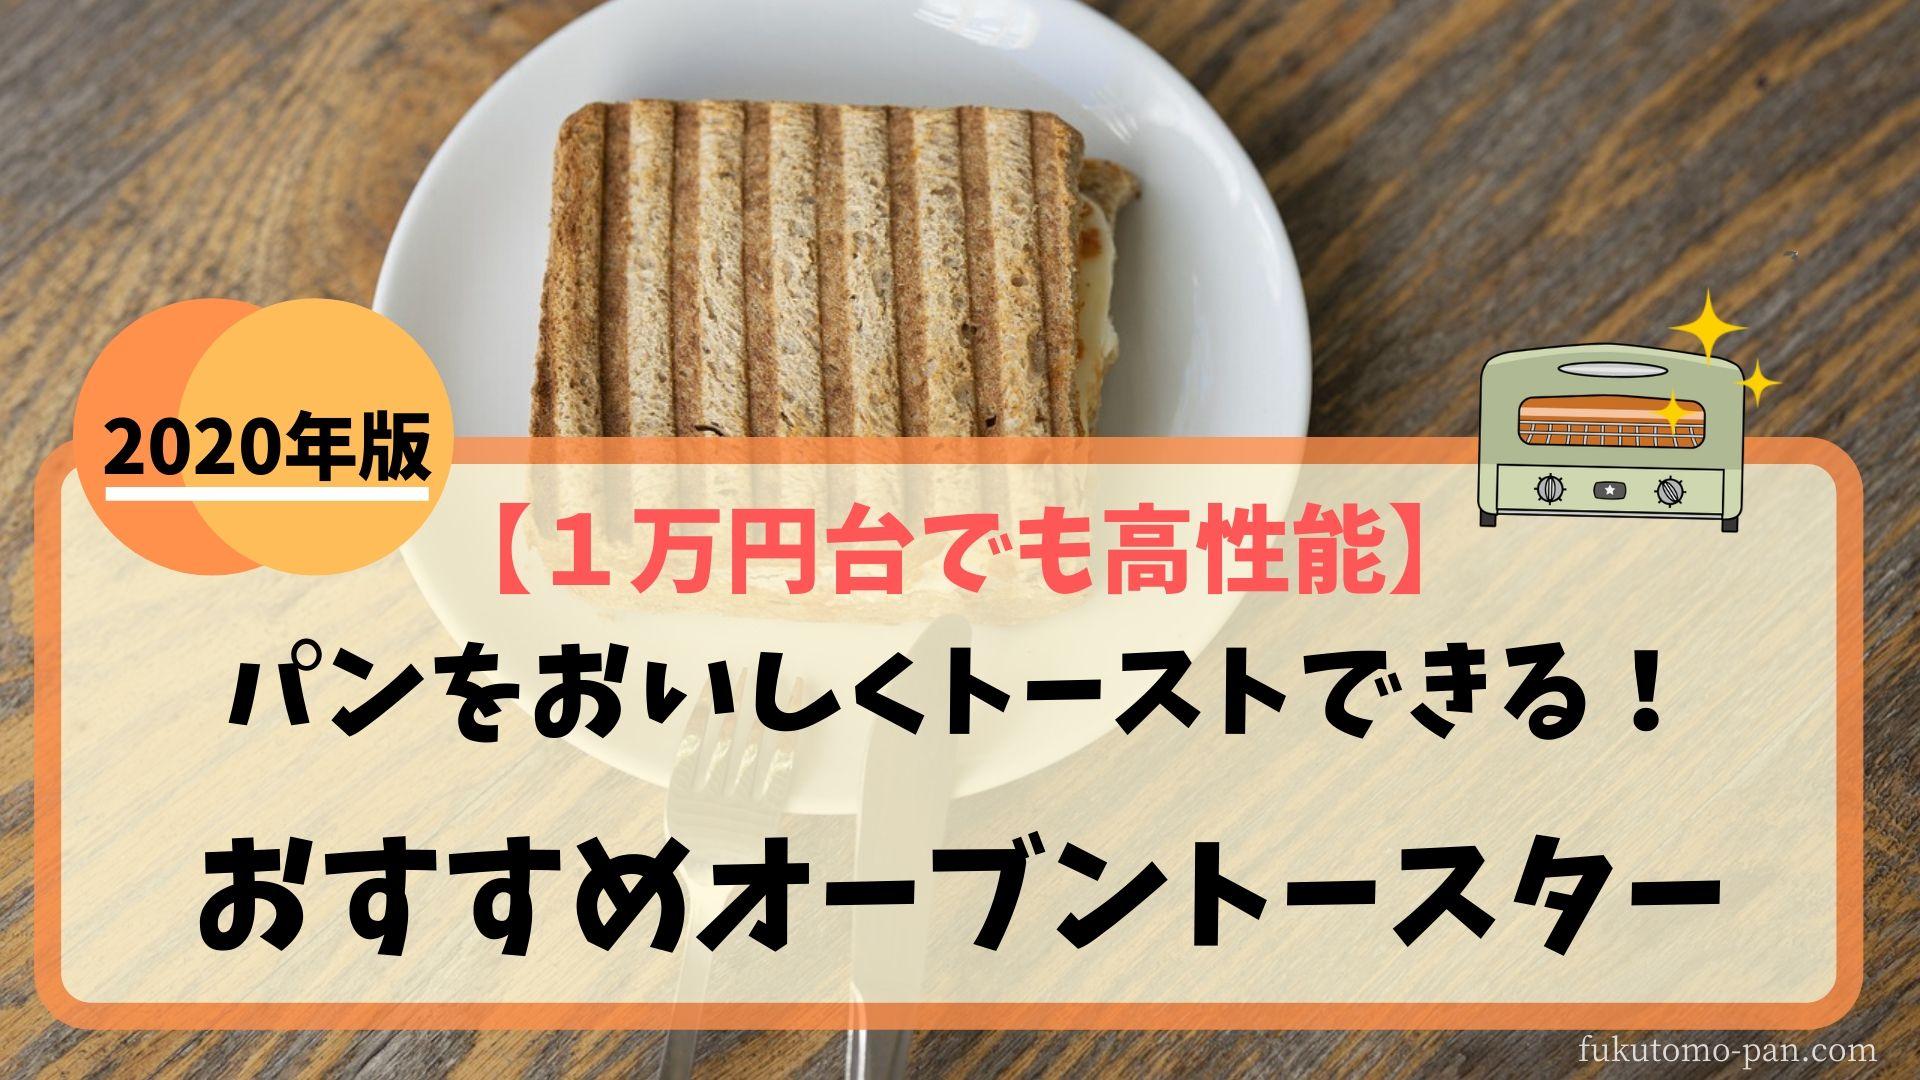 トーストにおすすめの1万円台オーブントースター紹介